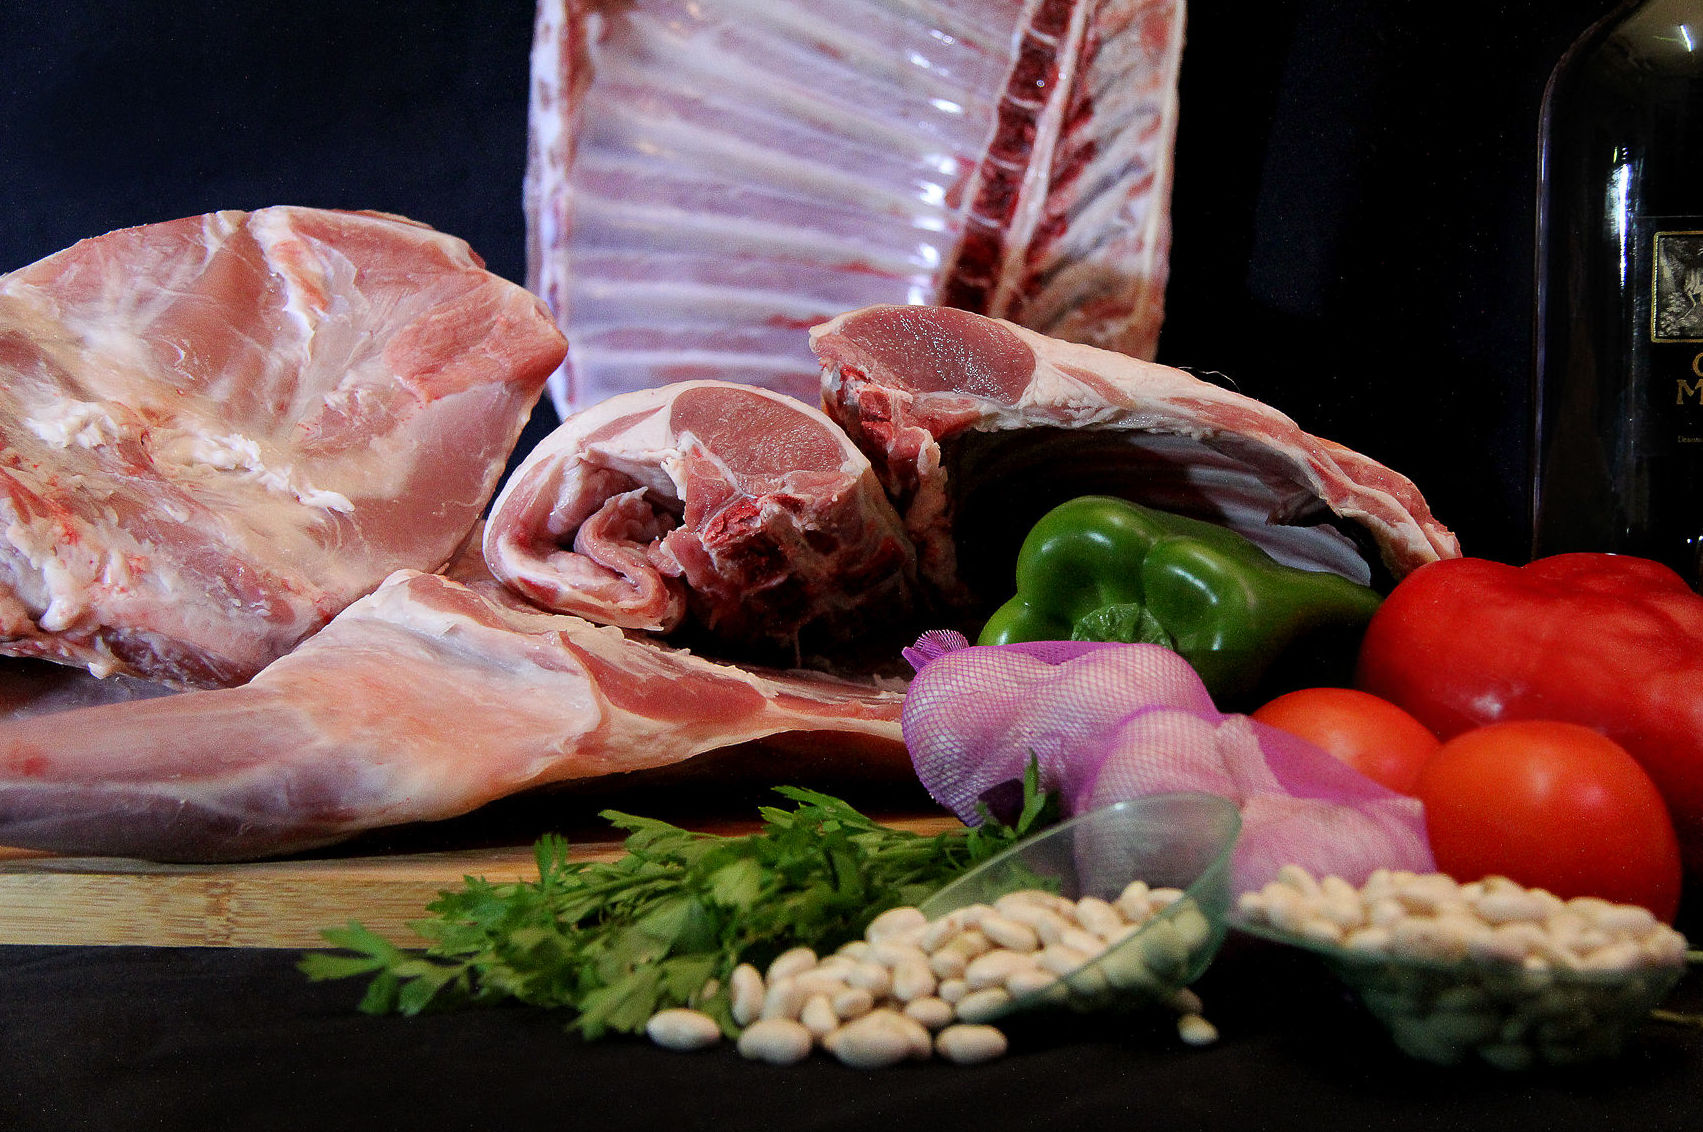 Foto 2 de Carnicerías en València | La Carnicería Hnos. Hernando